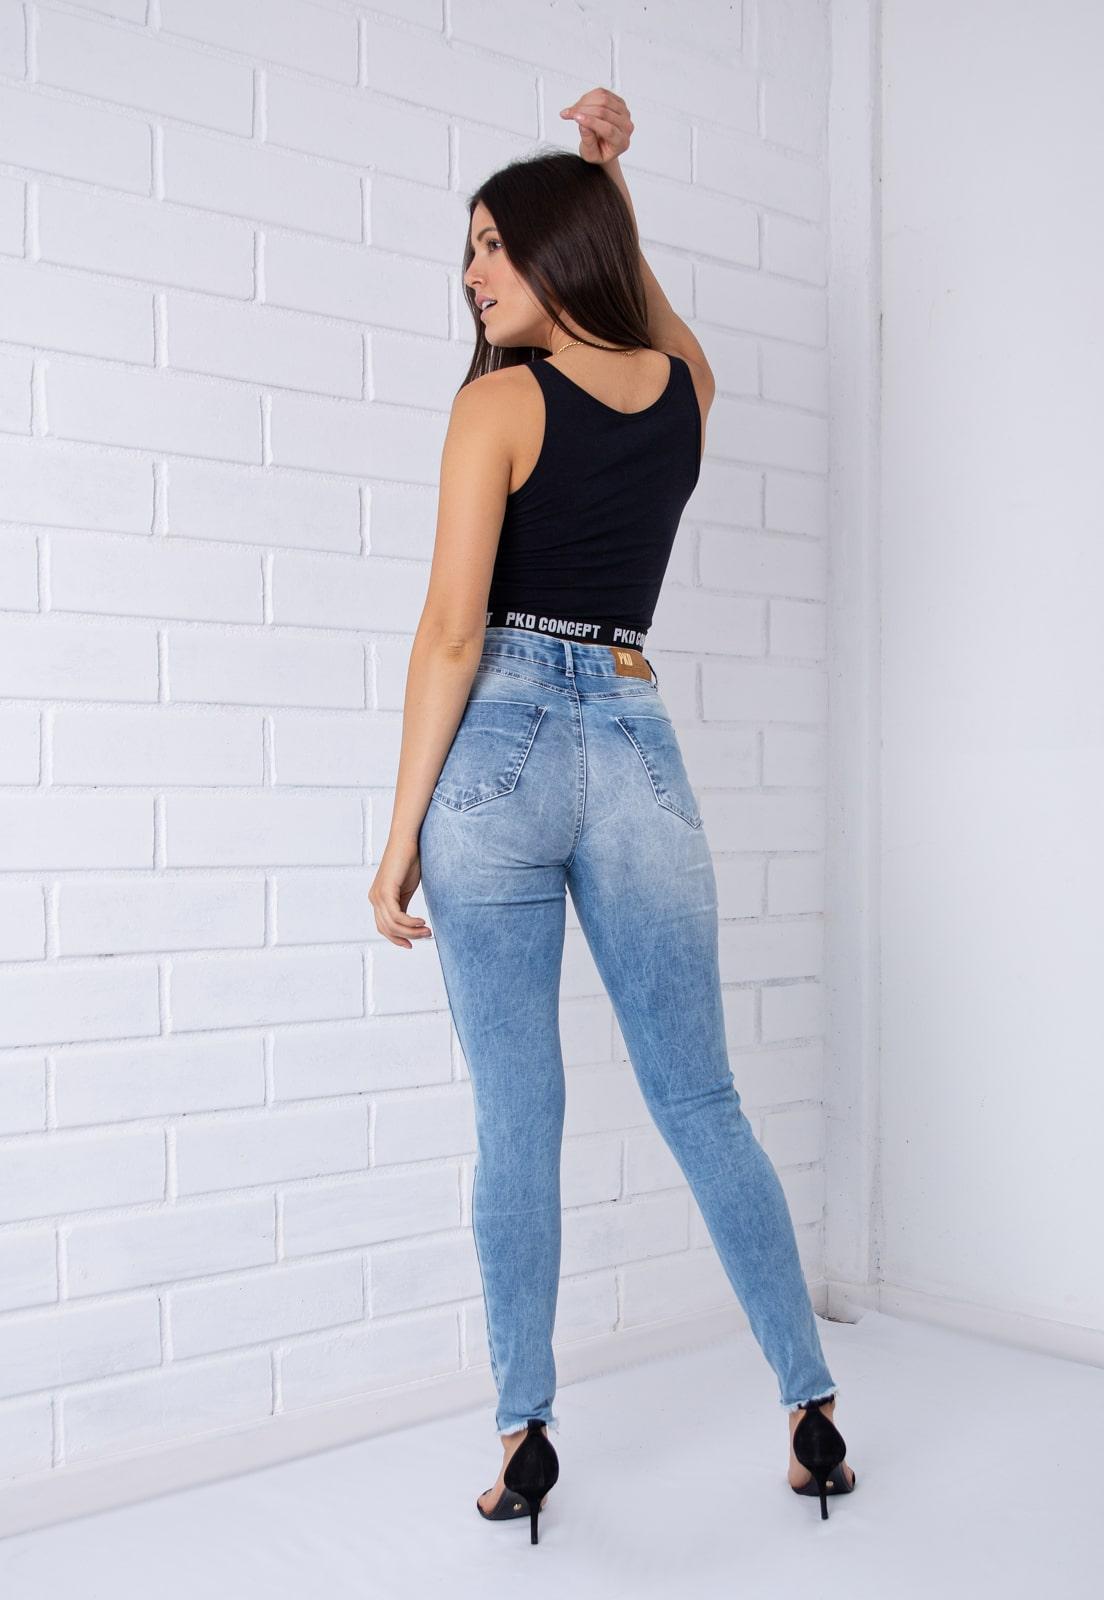 Calça Skinny Com Botões Encapados Destroyed Jeans Claro Pkd